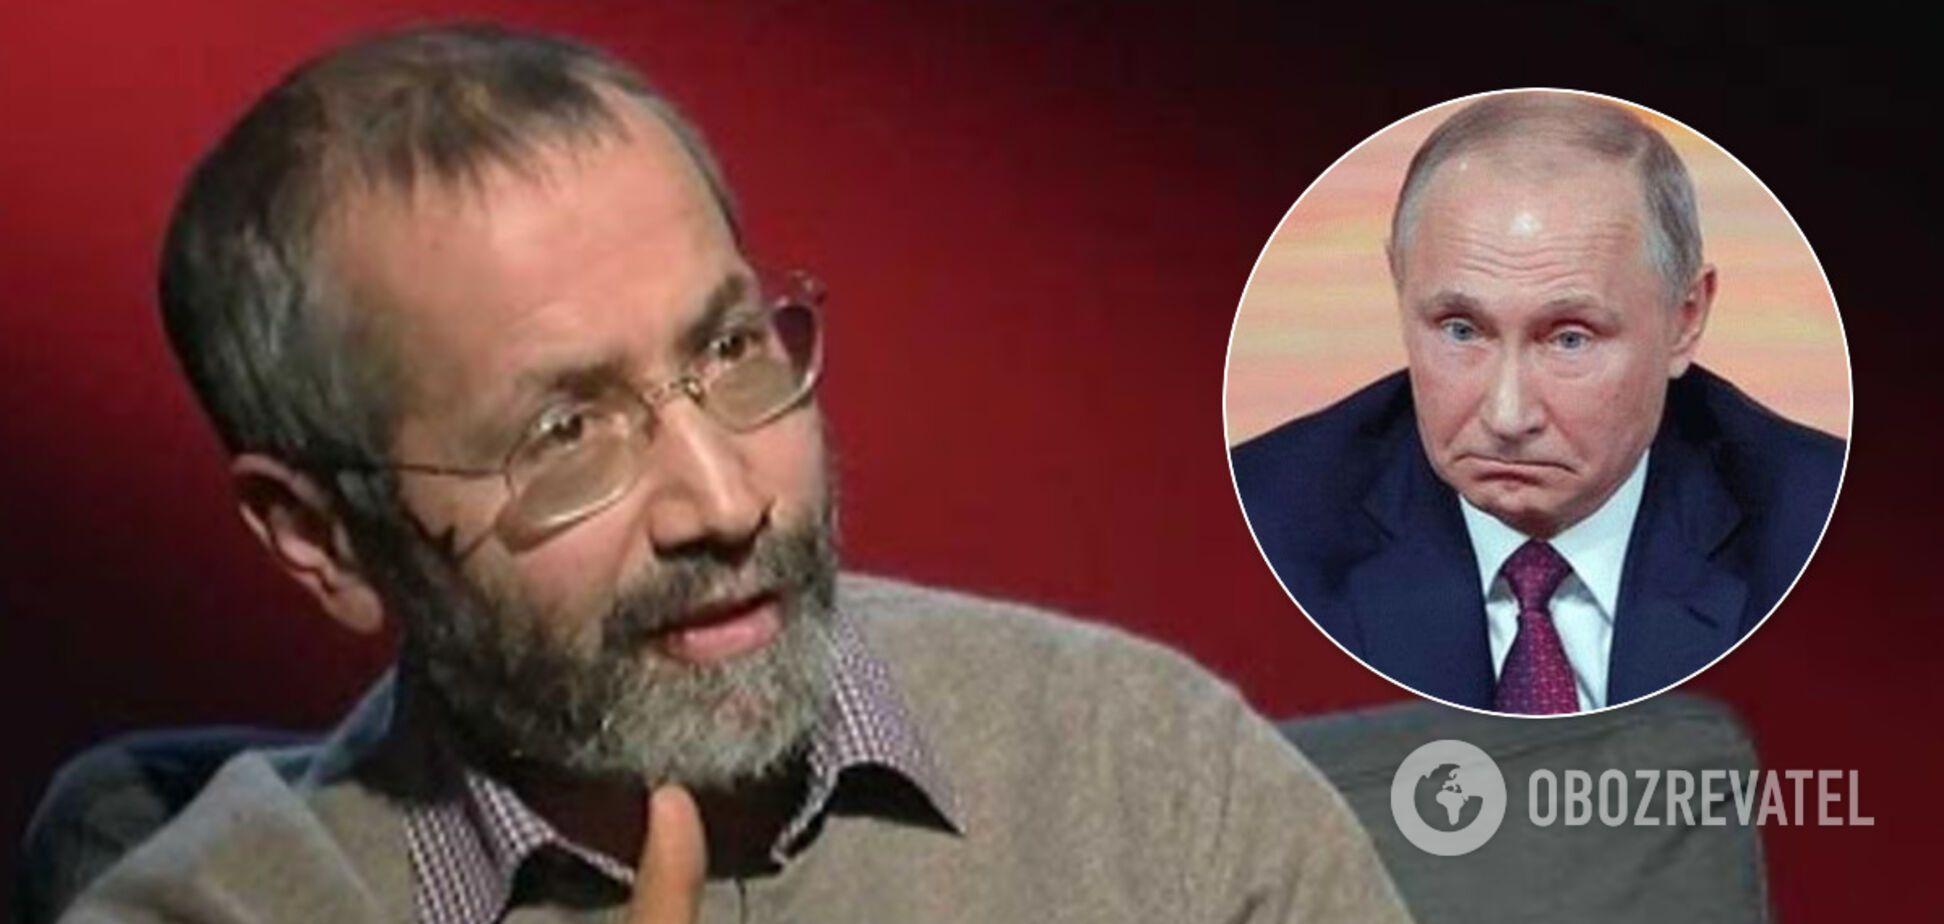 Радзиховский: проект 'Новороссия' закрыт, у Путина осталось два варианта